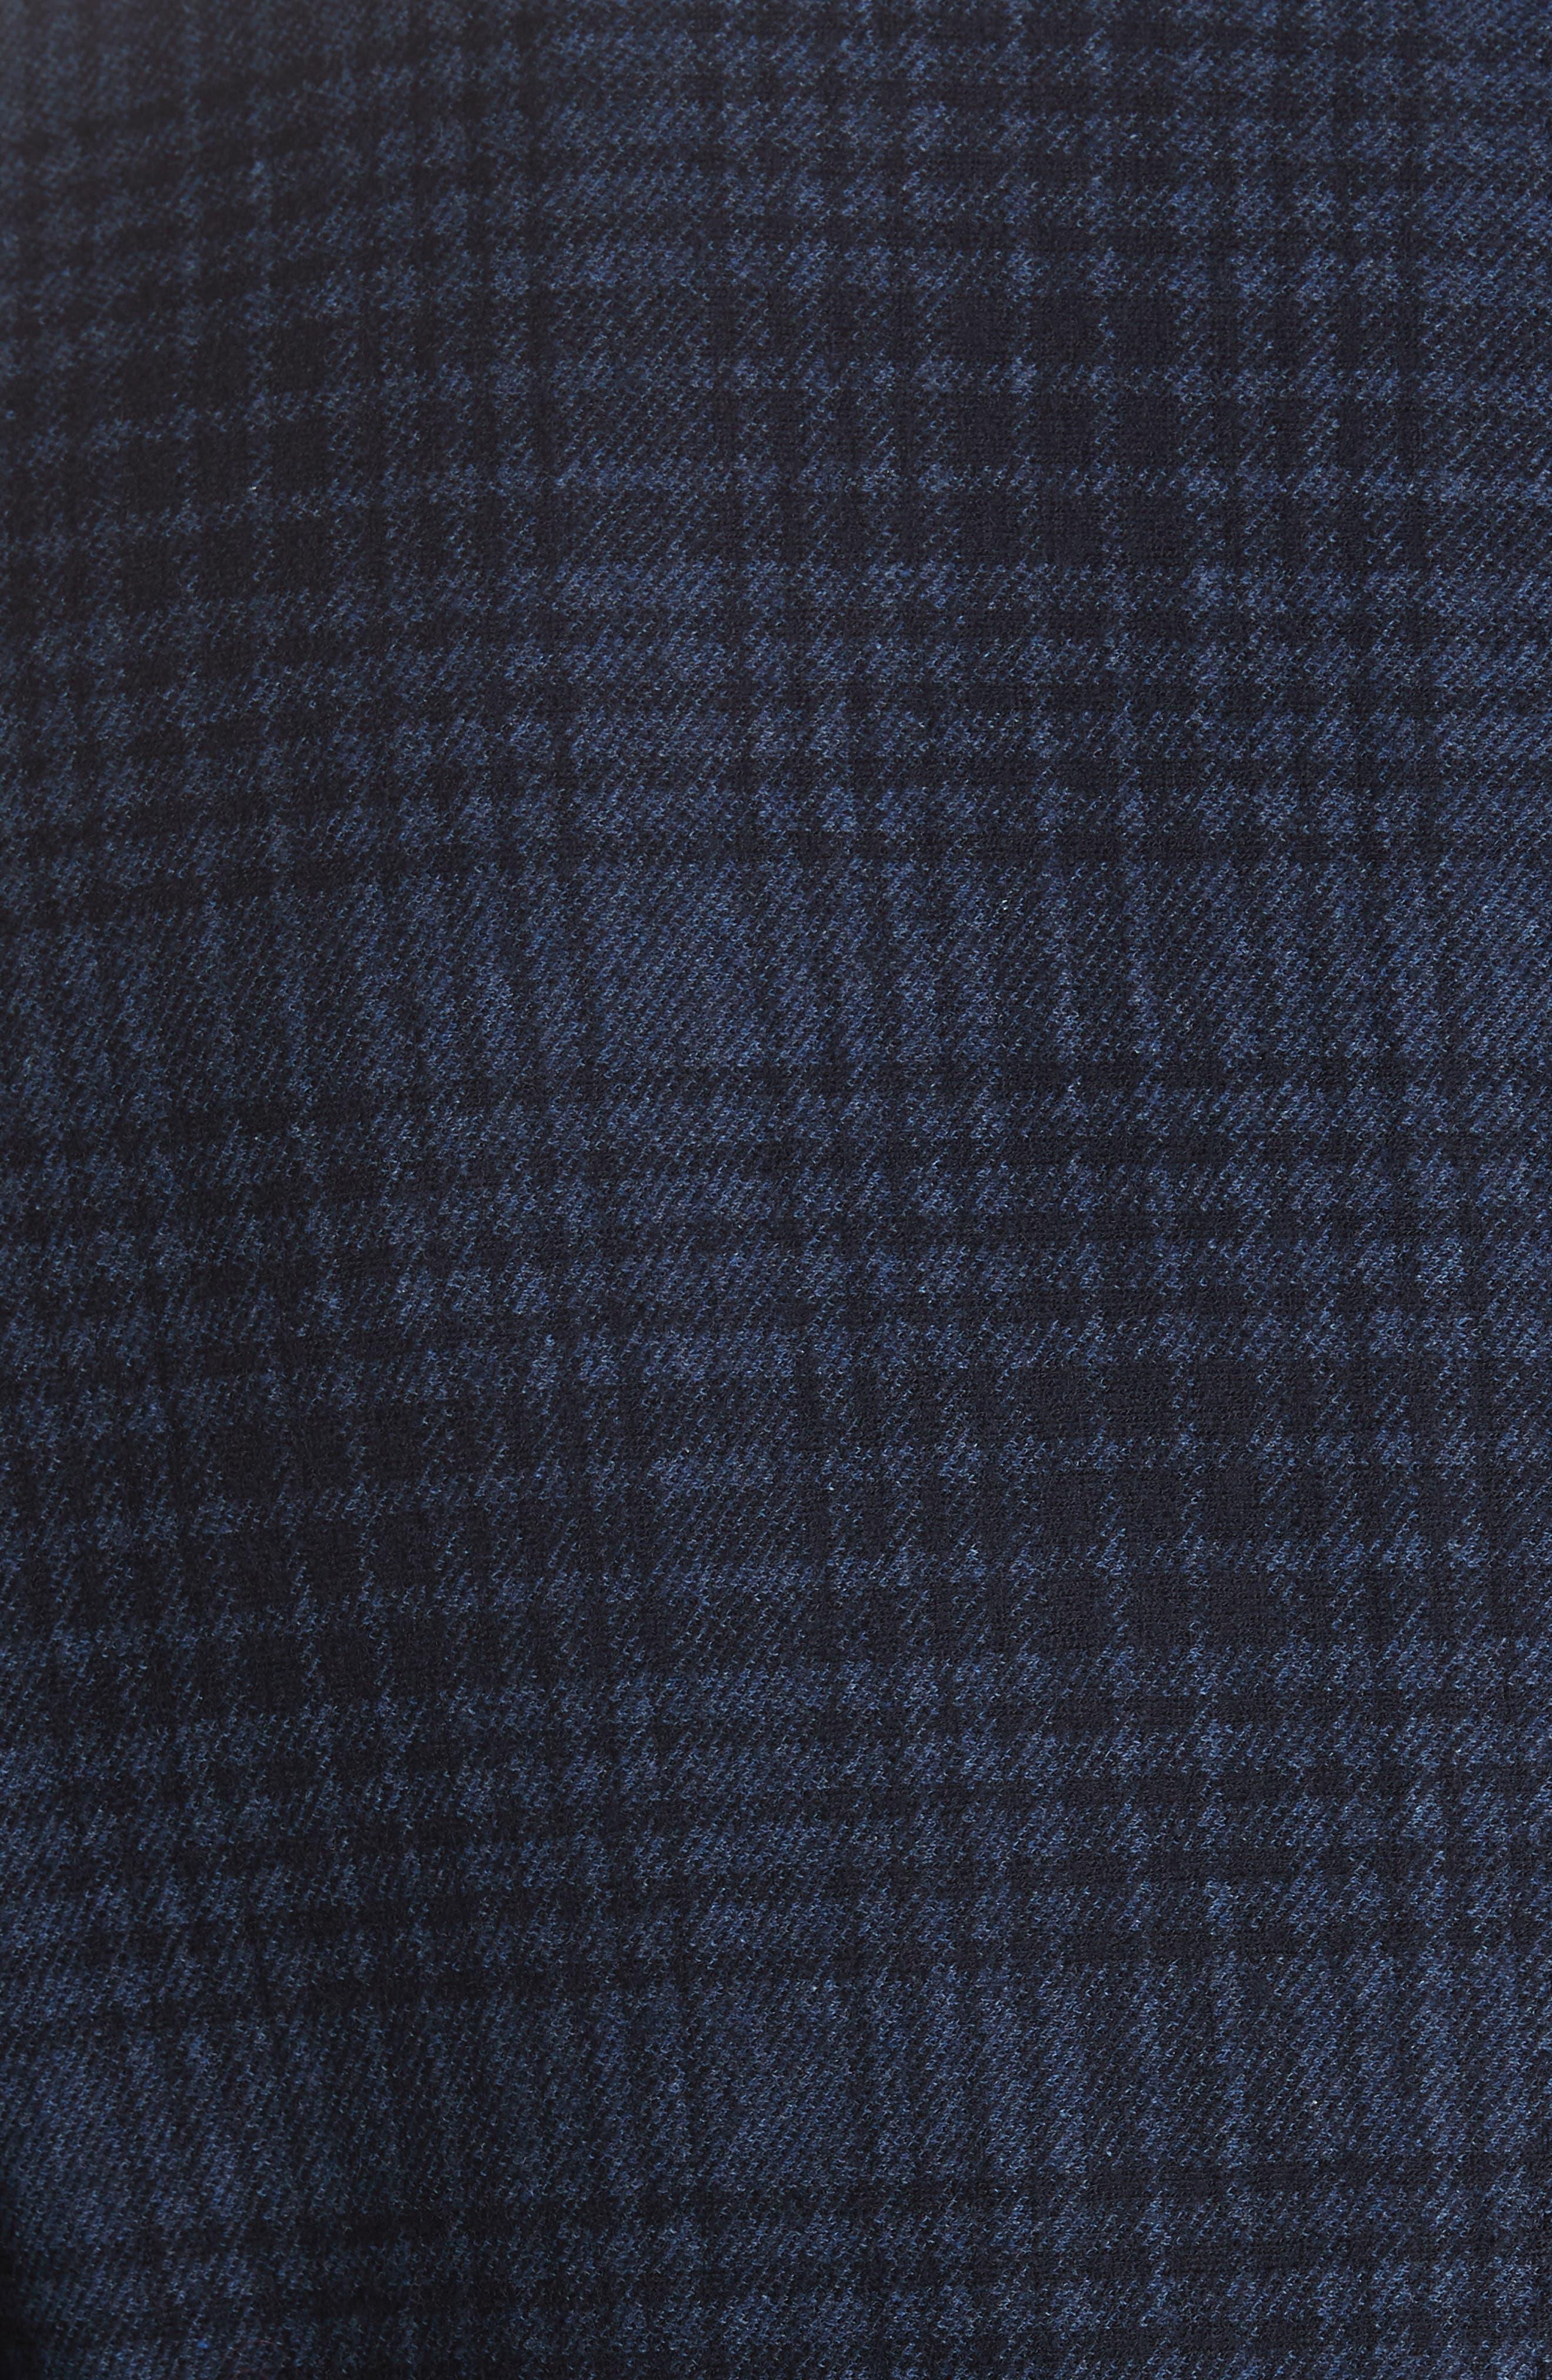 Slim Fit Plaid Wool & Cotton Sport Coat,                             Alternate thumbnail 6, color,                             400